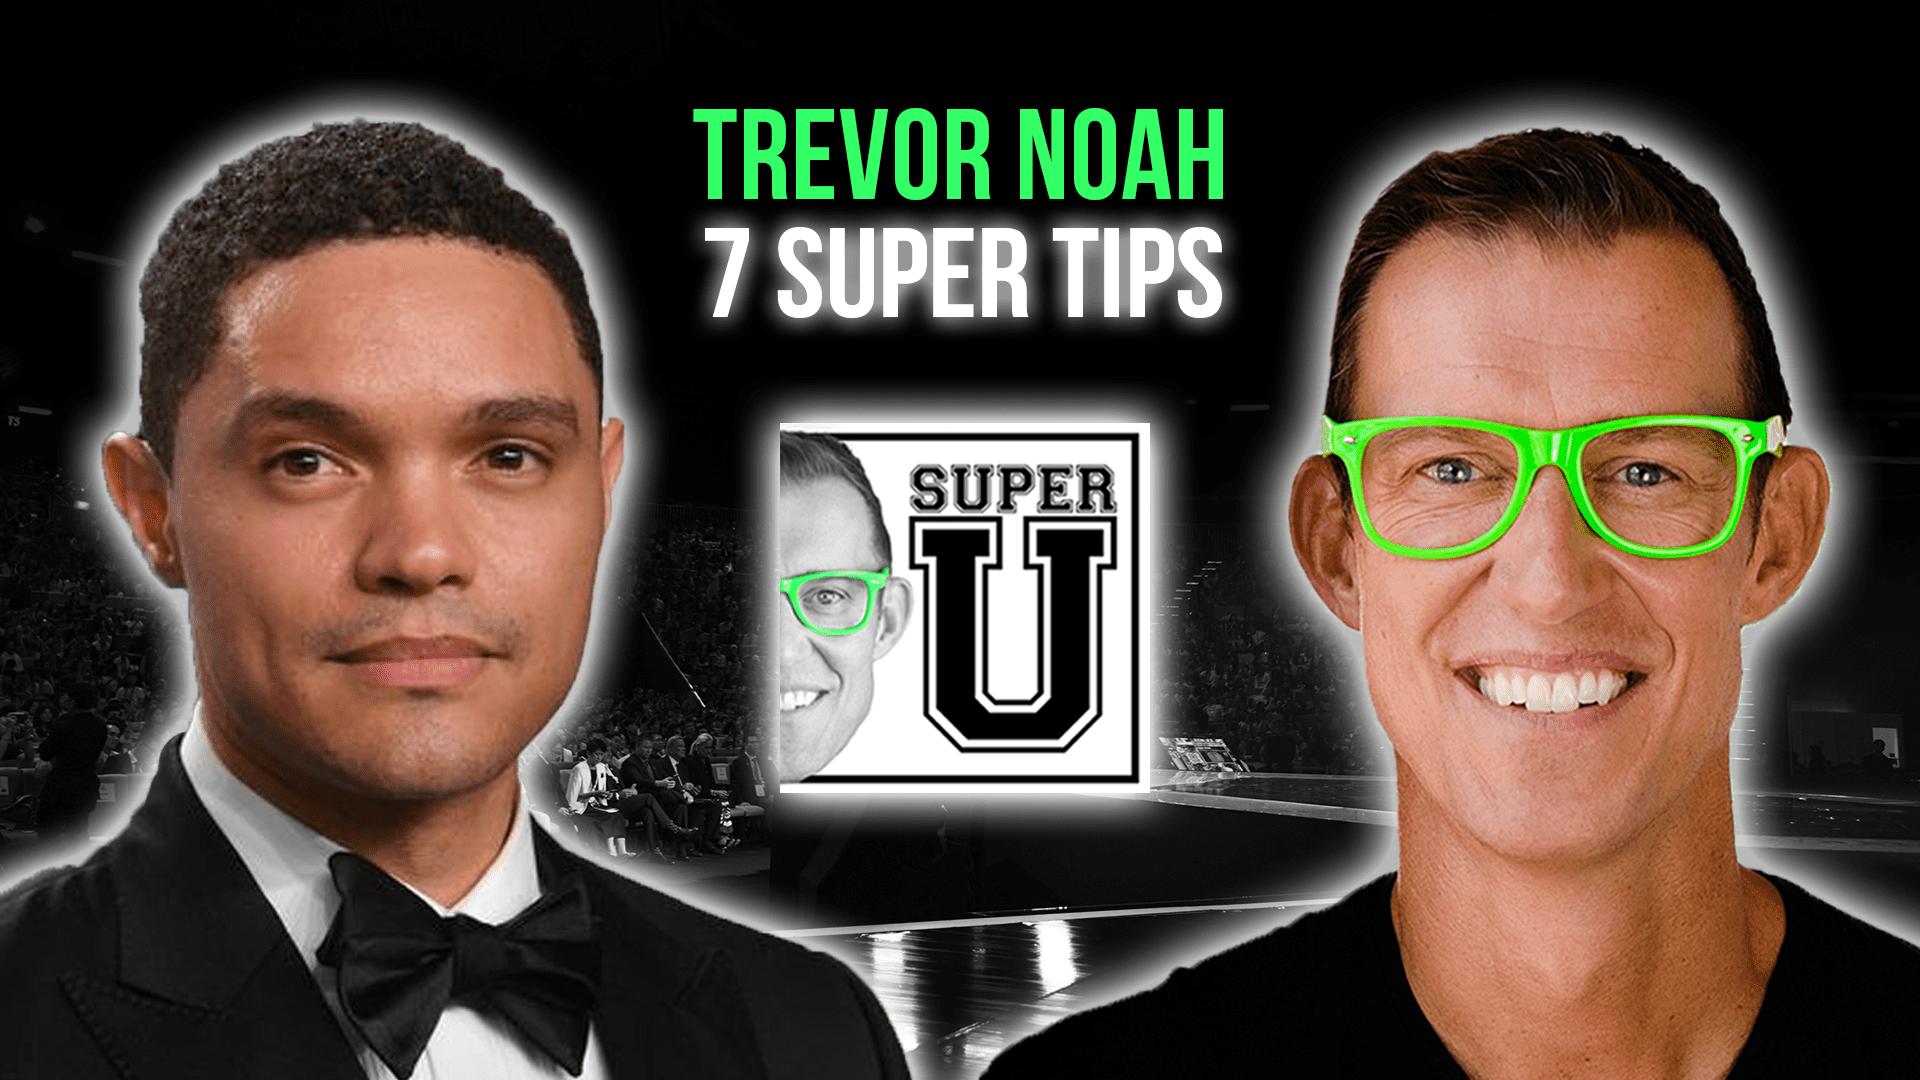 Trevor-Noah-7ST-Super-U